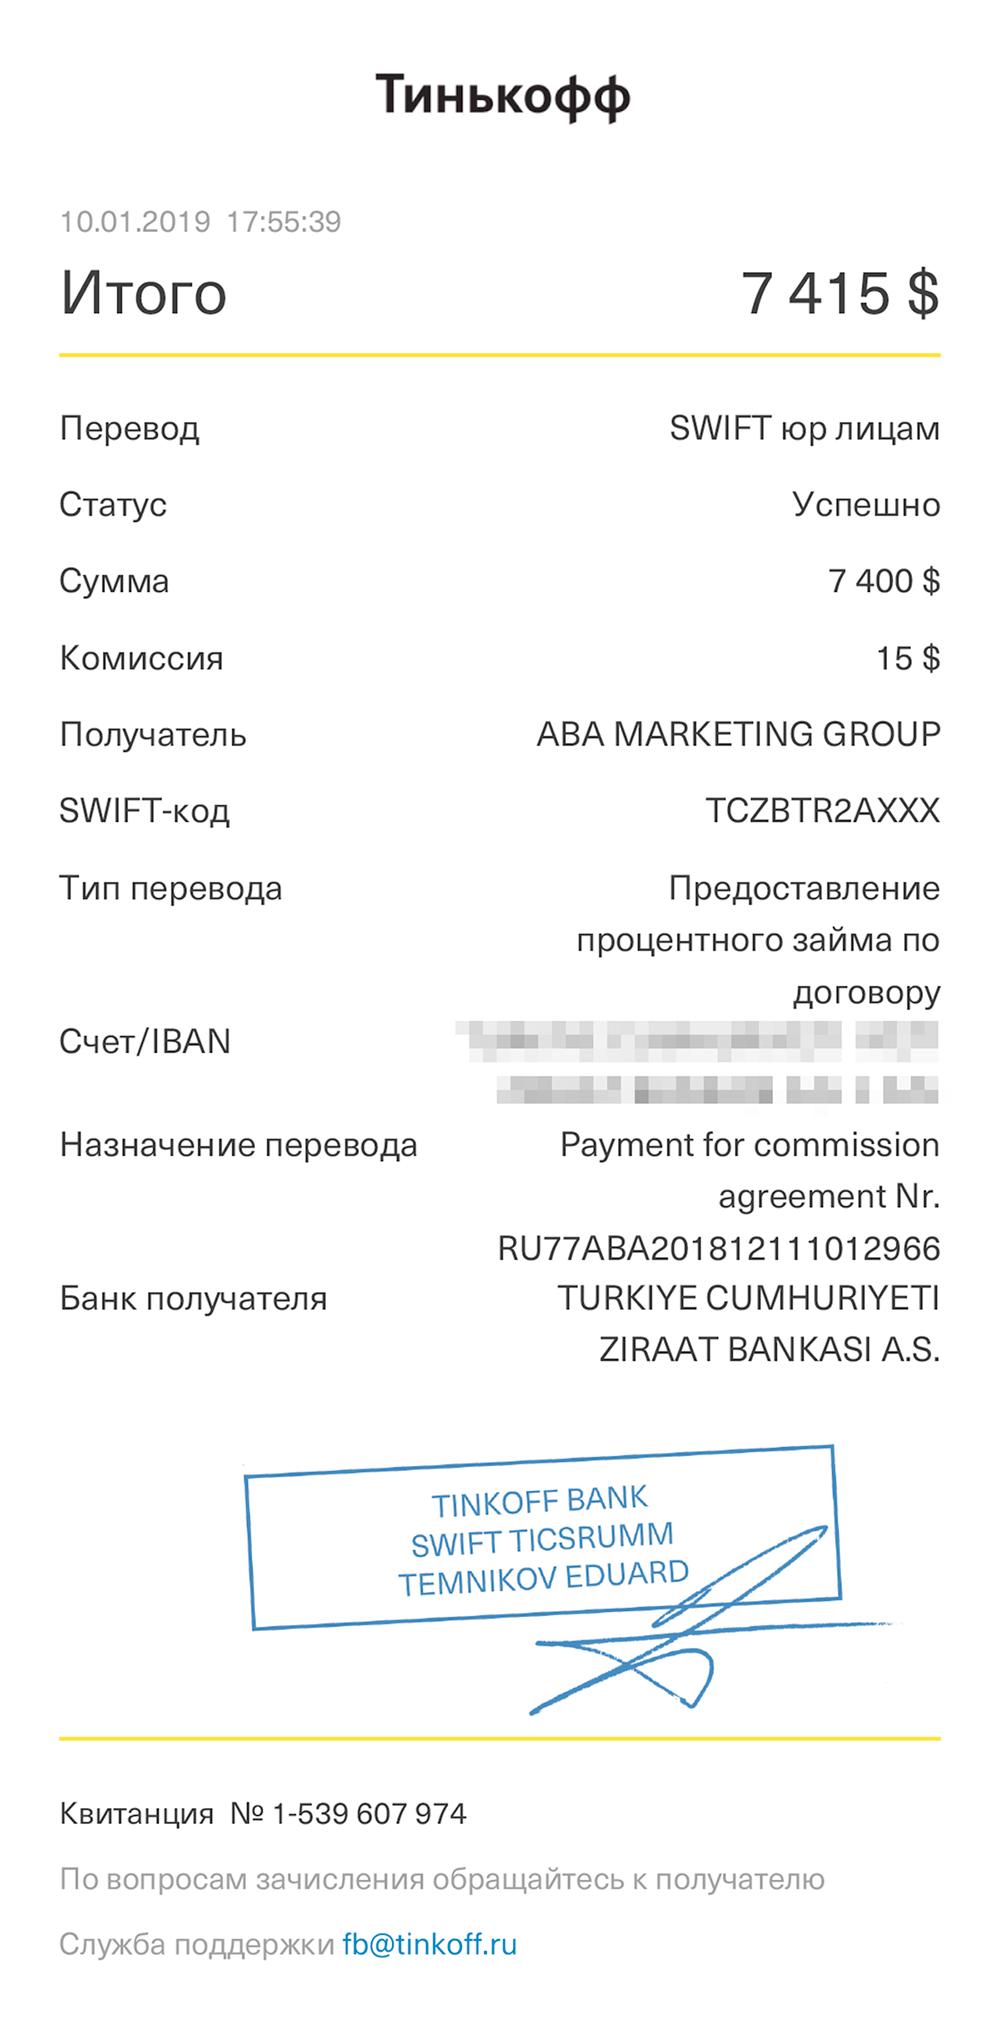 Квитанция Тинькофф-банка на перевод средств. Сейчас деньги уходят в монгольский банк Credit Bank of Mongolia, в прошлом году это был турецкий Ziraat